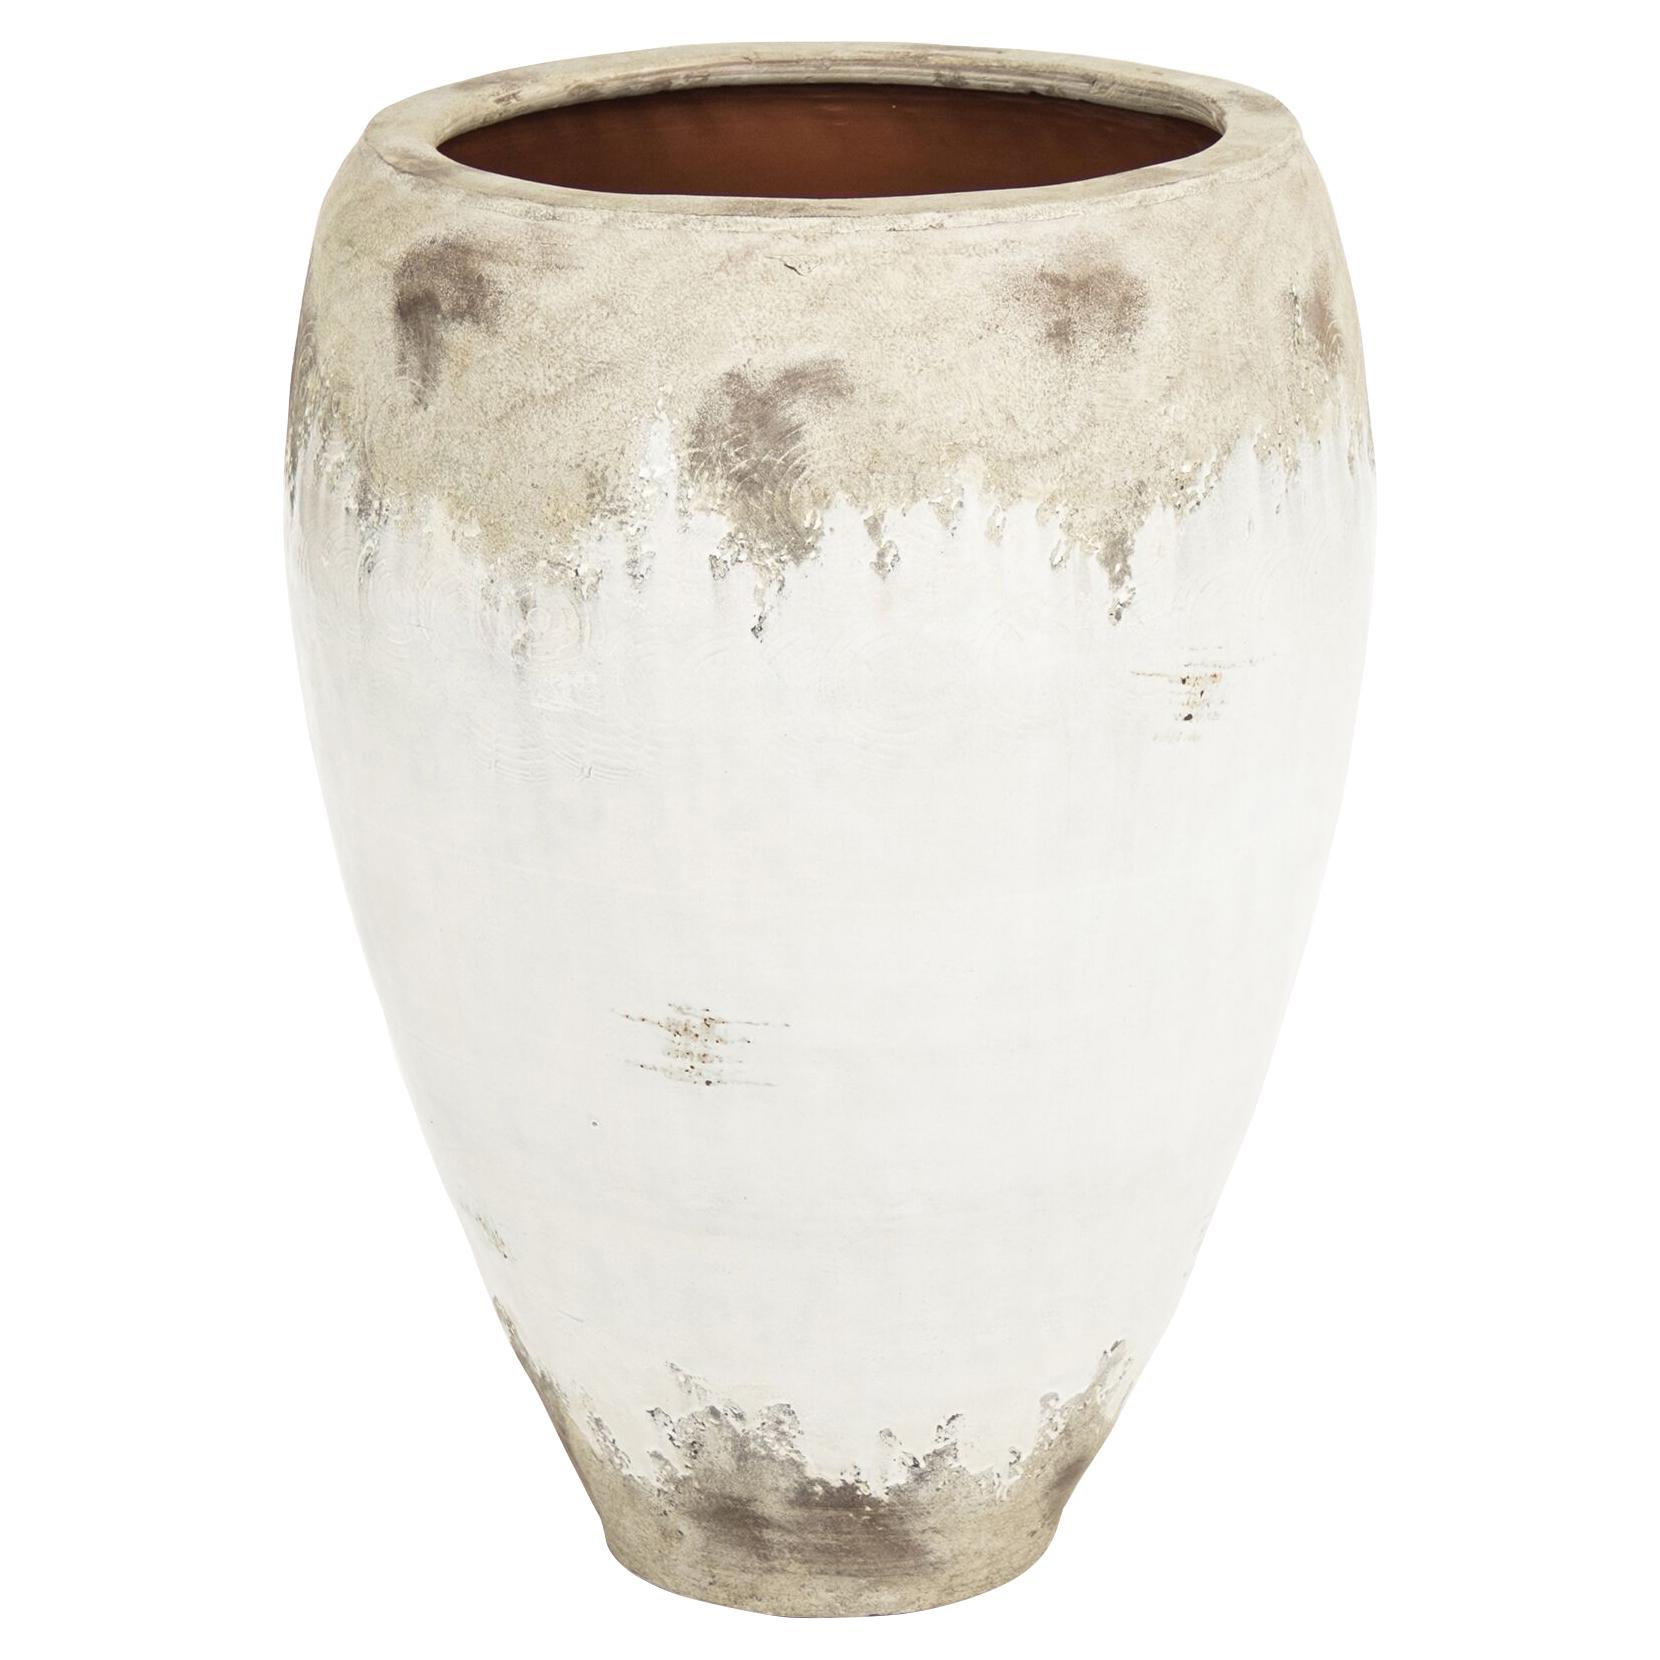 Siena Large White Rustic Distressed Ceramic Wide Top Floor Vase